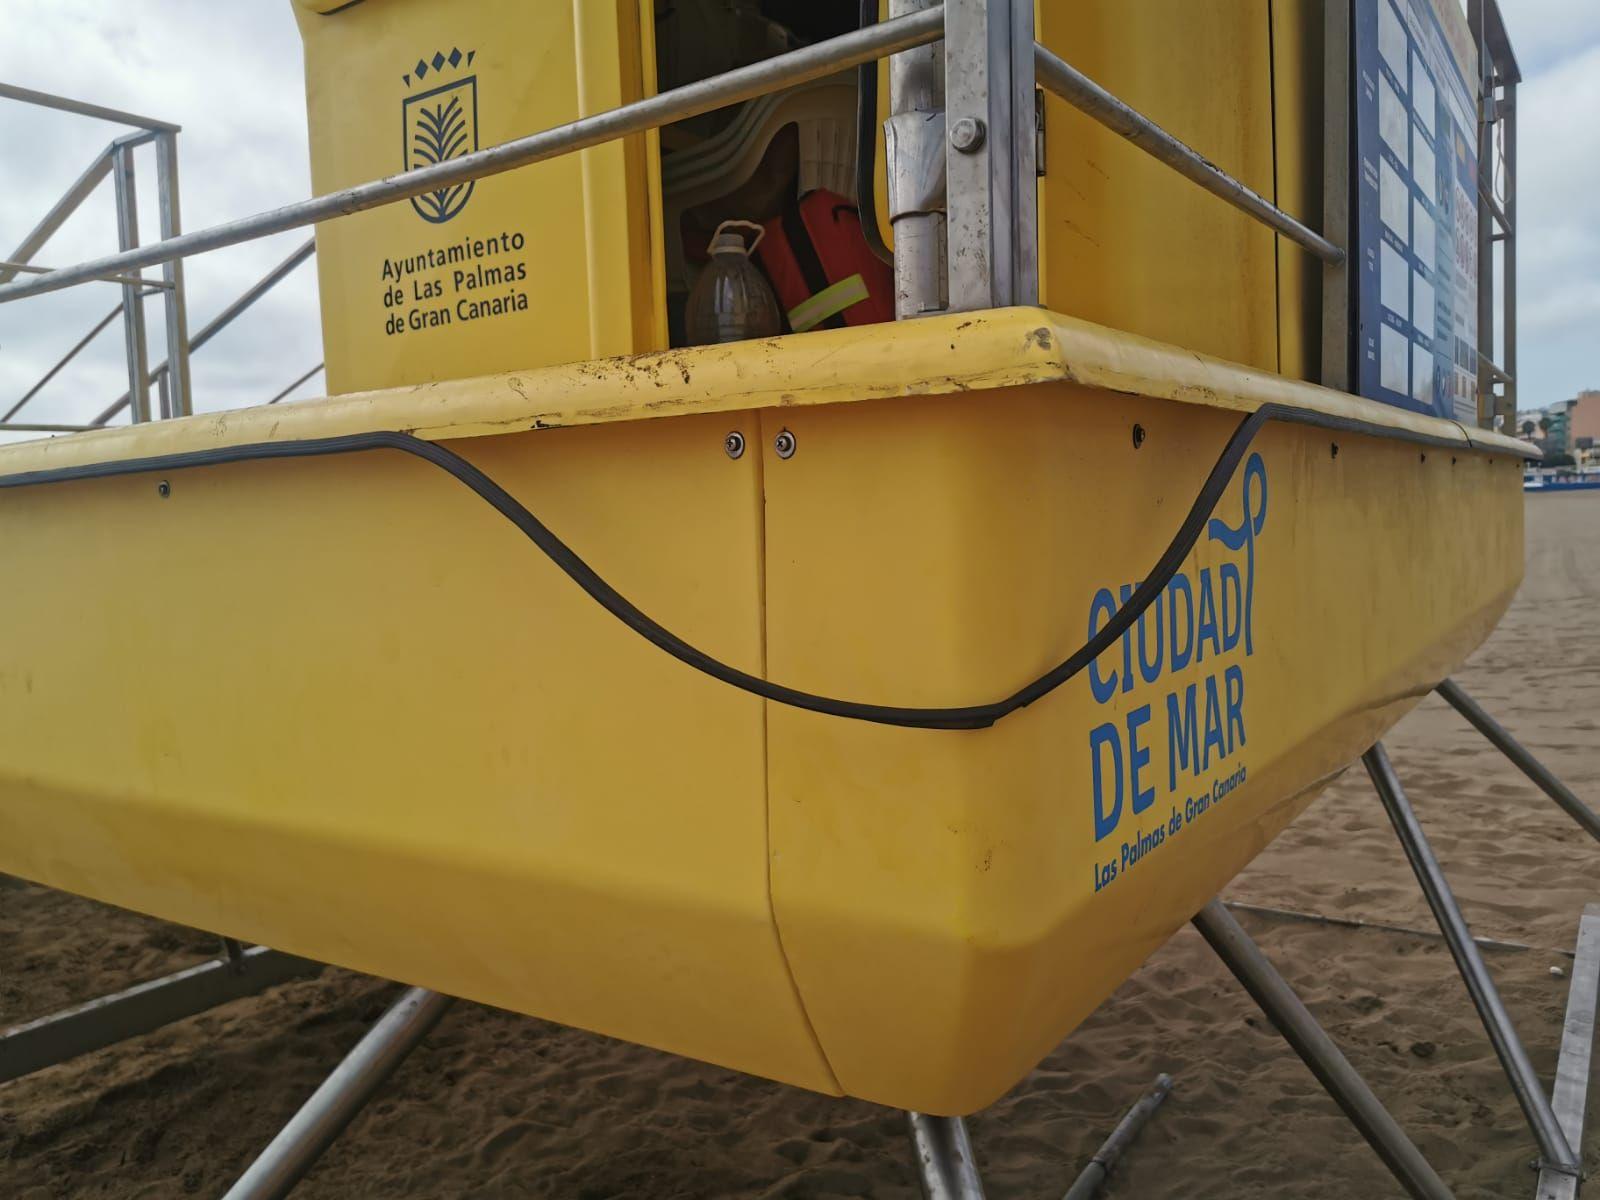 Vandalismo en playas de la capital grancanaria